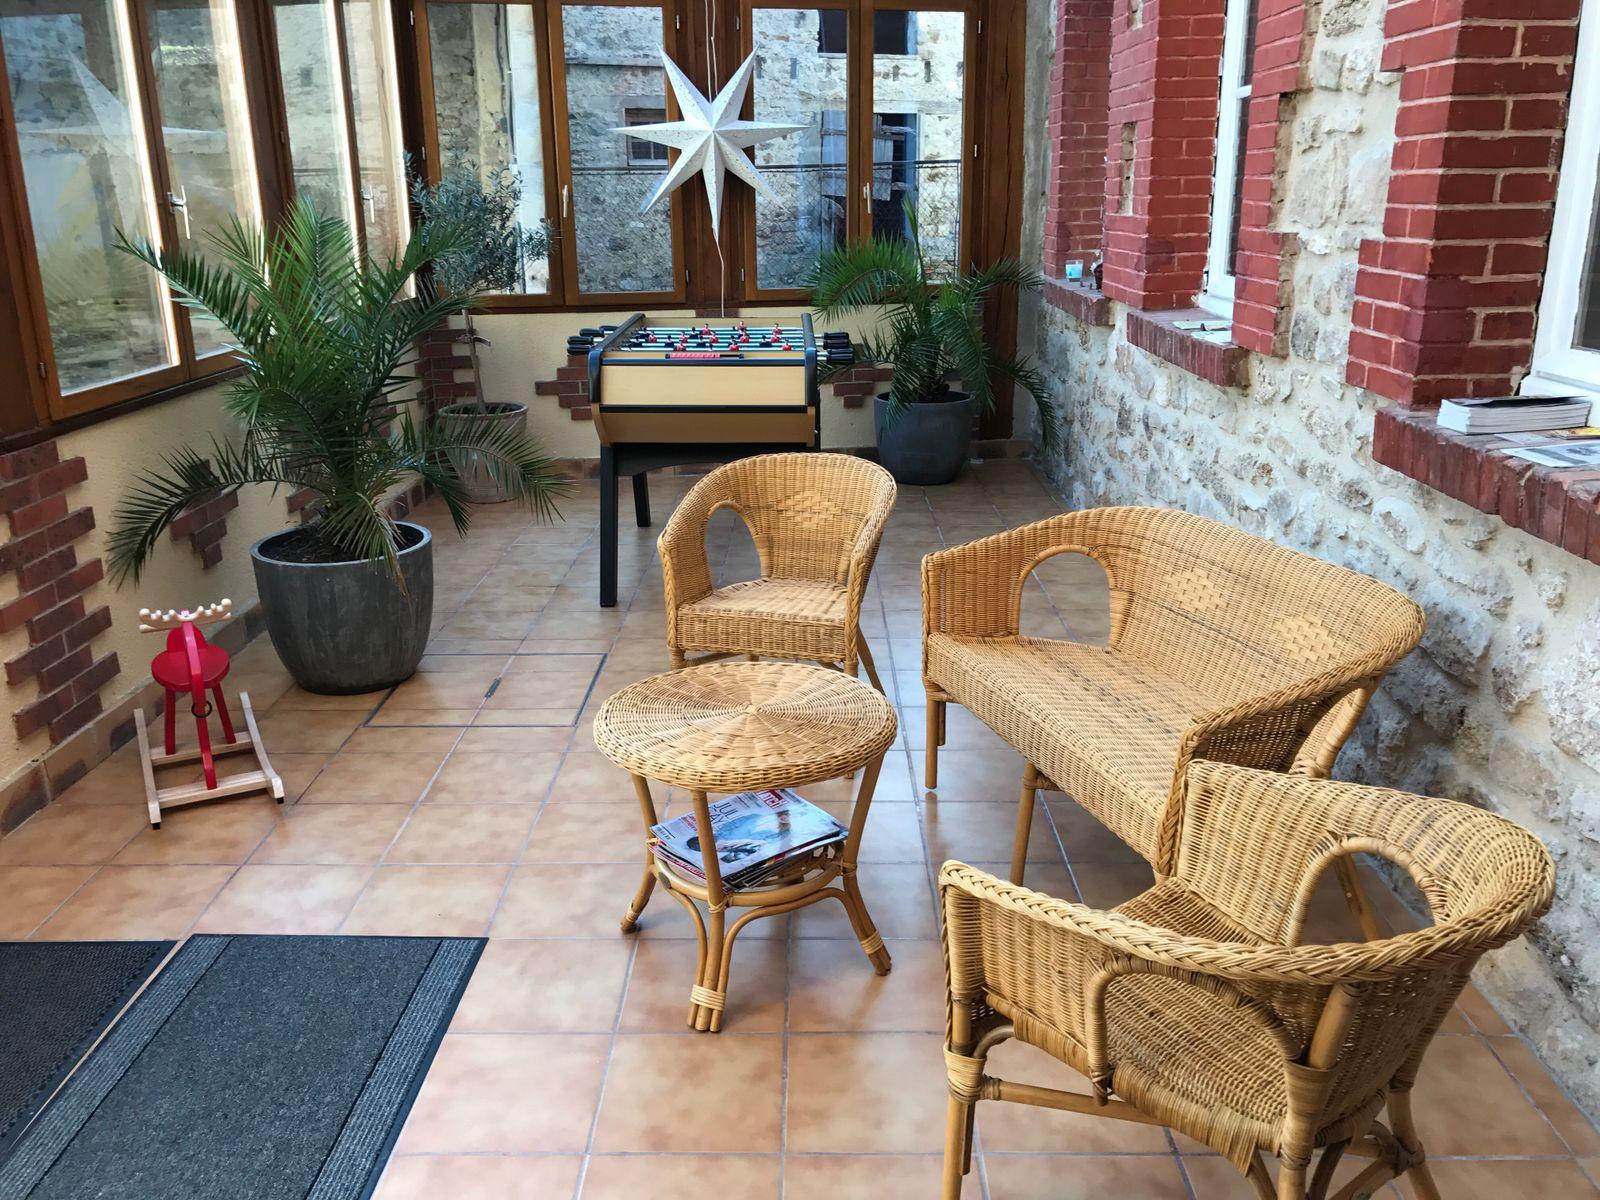 Entrée véranda 51G472 - La maison du vigneron - Vincelles - Gîtes de France Marne